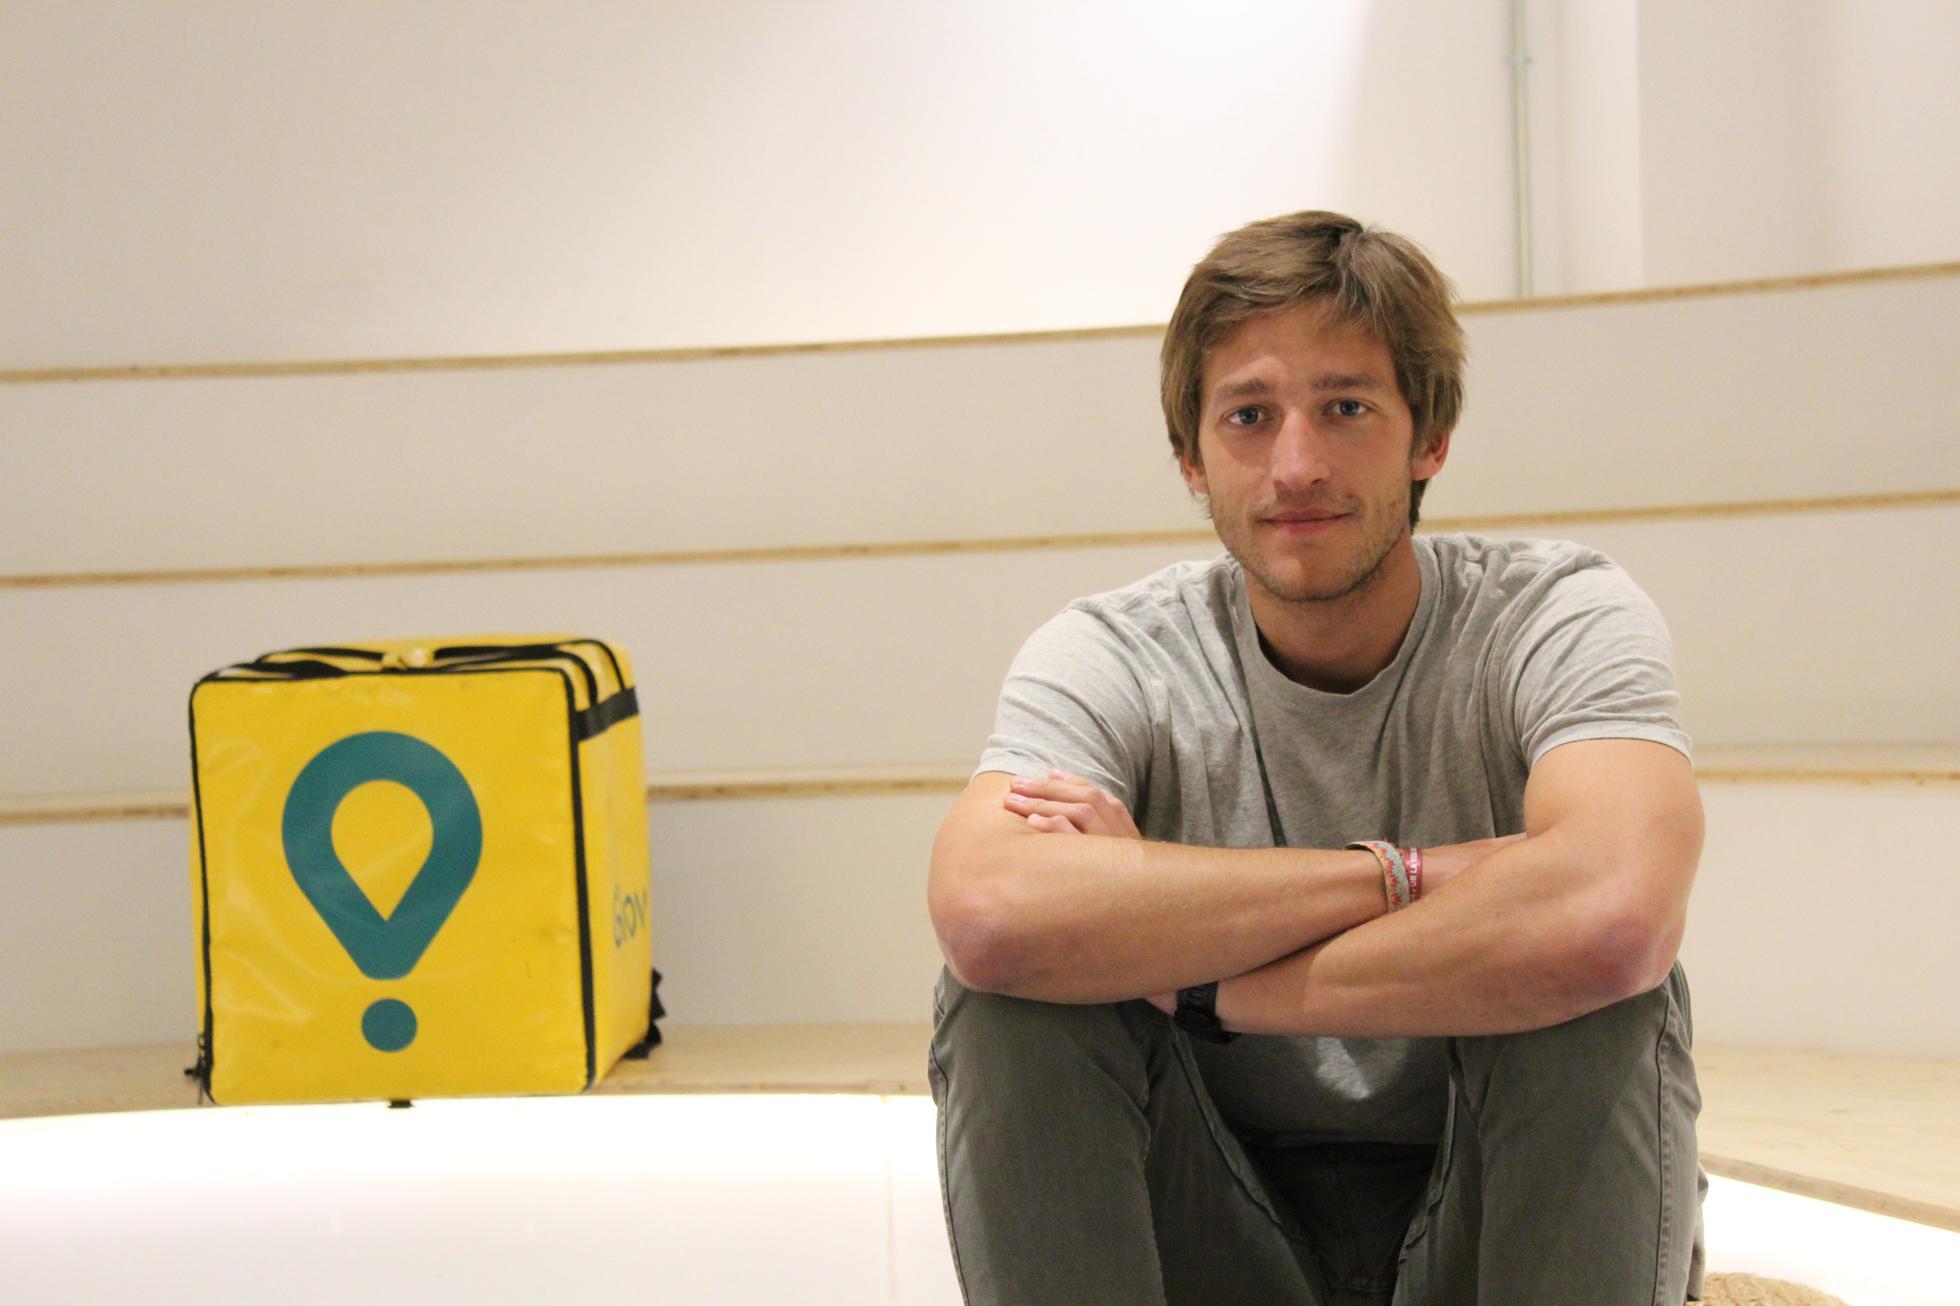 Oscar Pierre, cofundador y director ejecutivo de Glovo, con uno de los fondos de entrega de su startup.